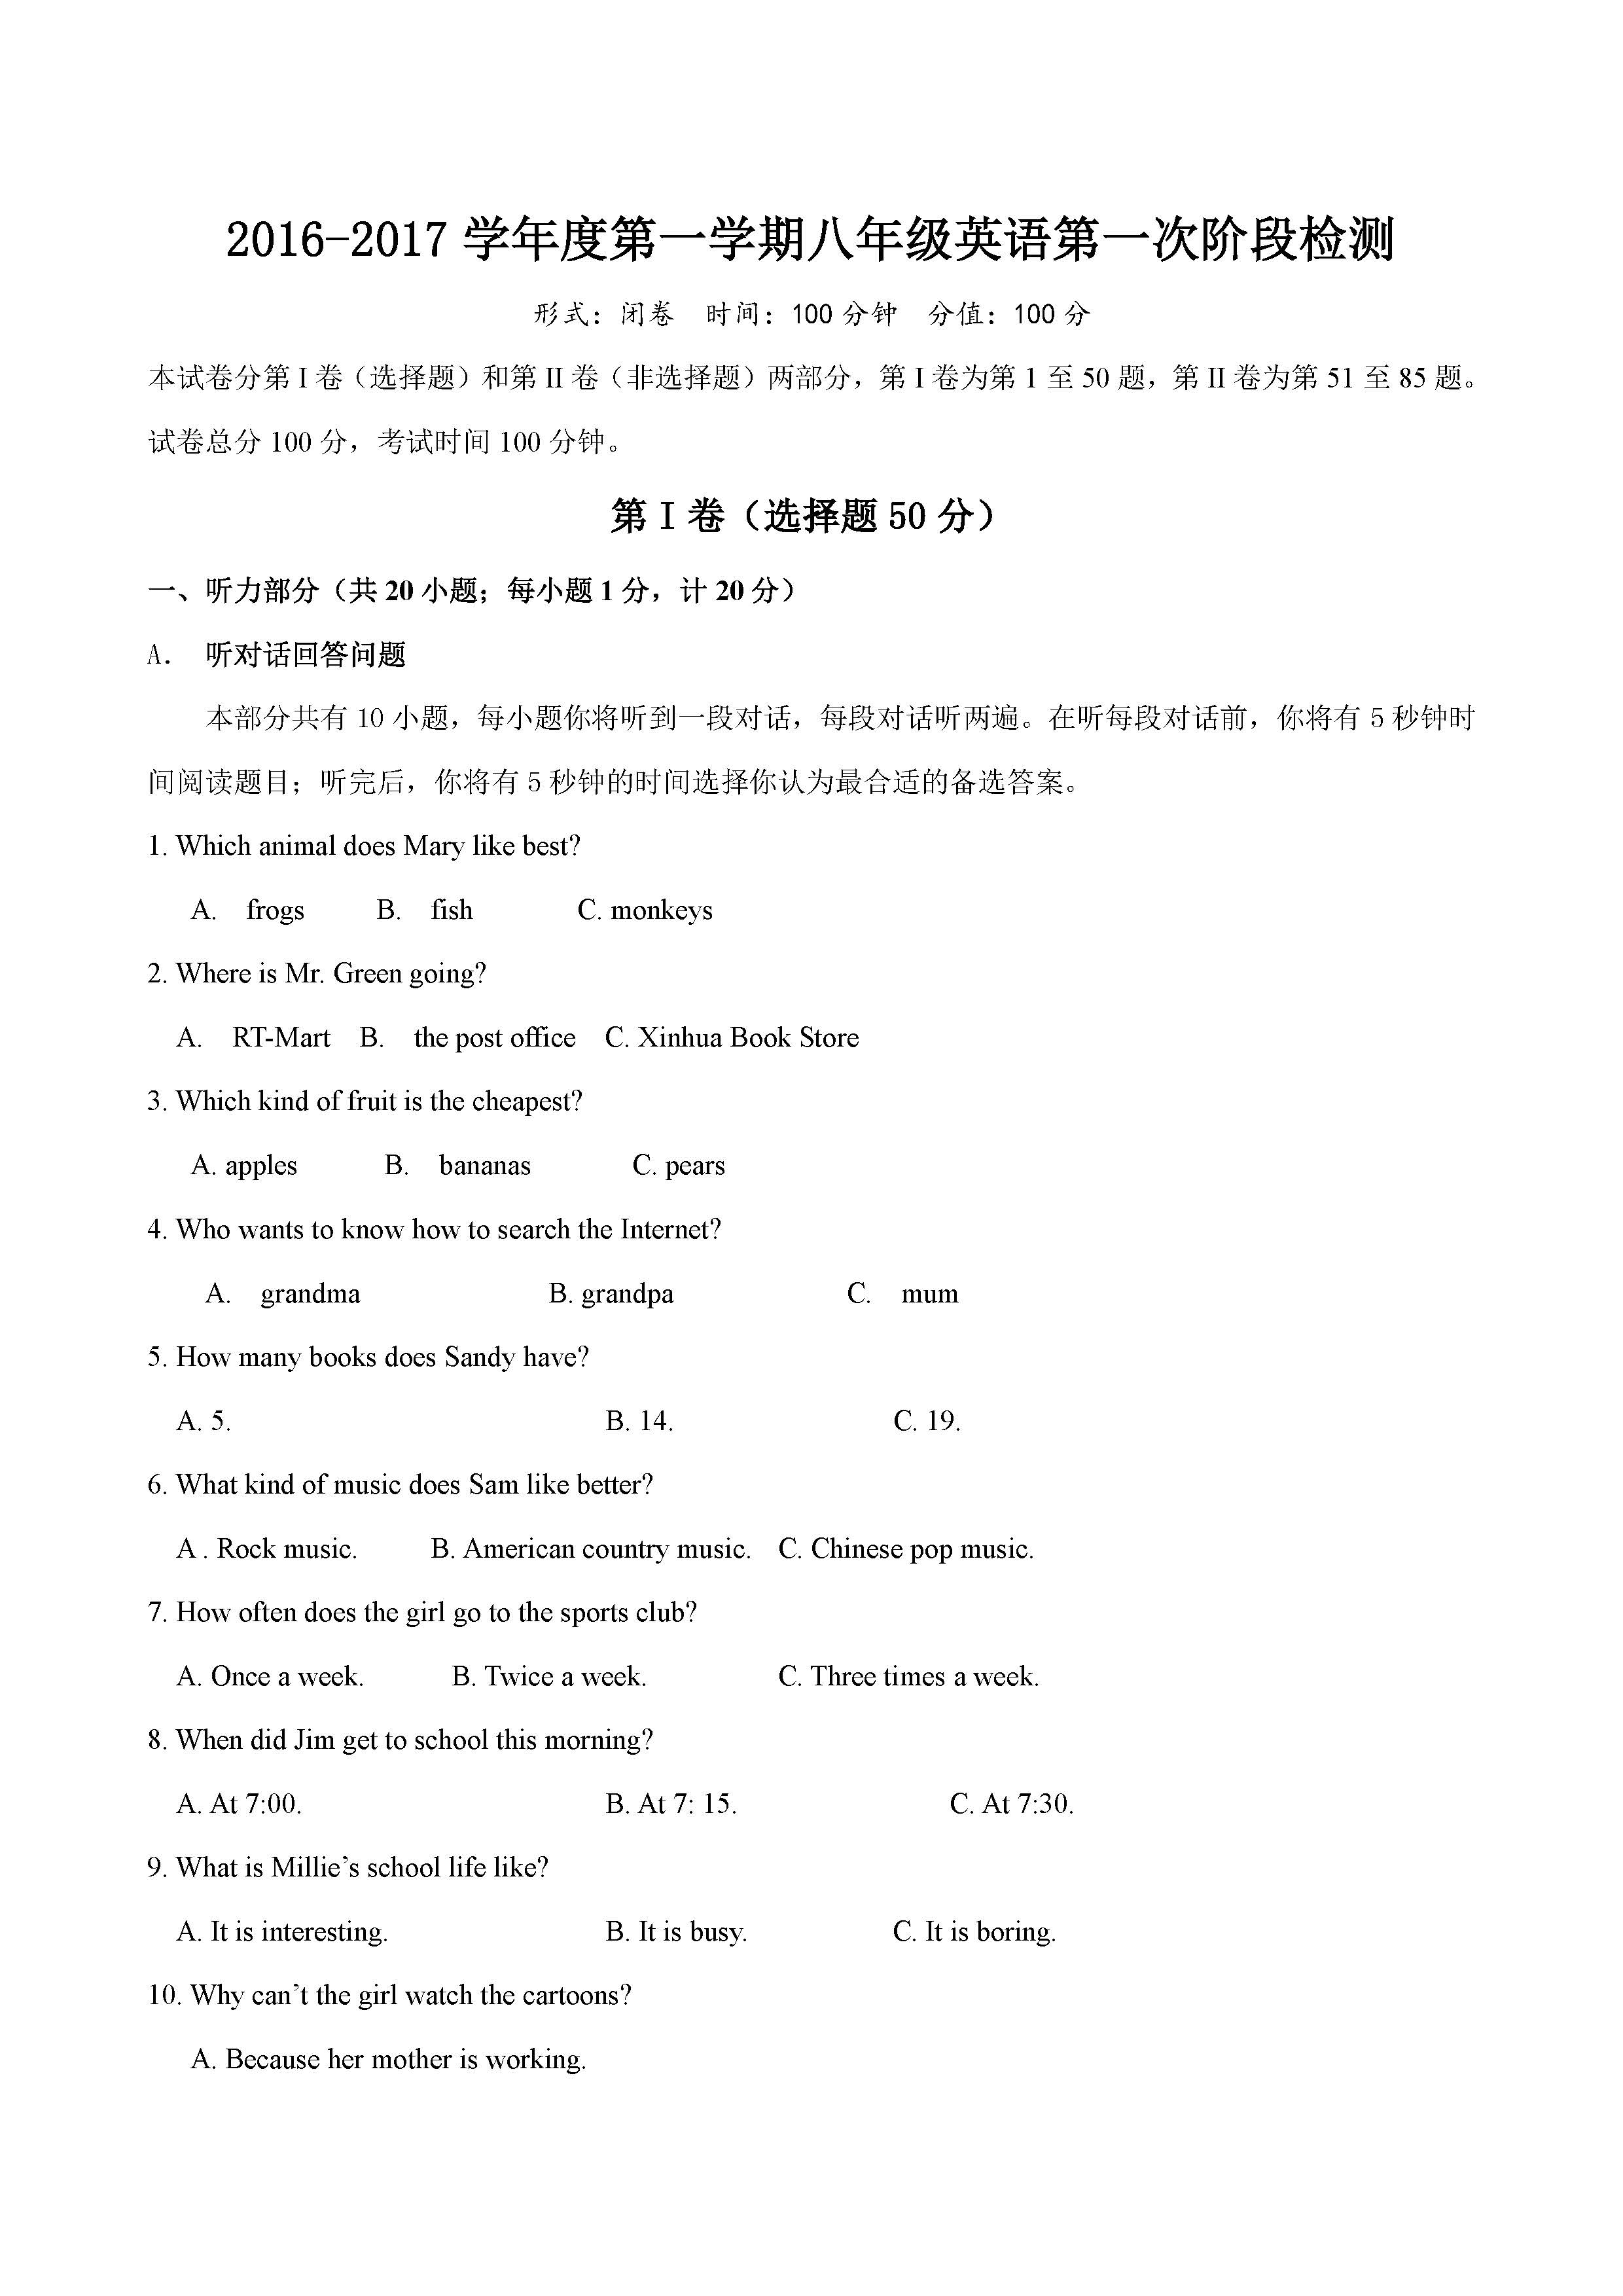 2016东台八年级第一次月考英语试题(含听力原文及答案解析)